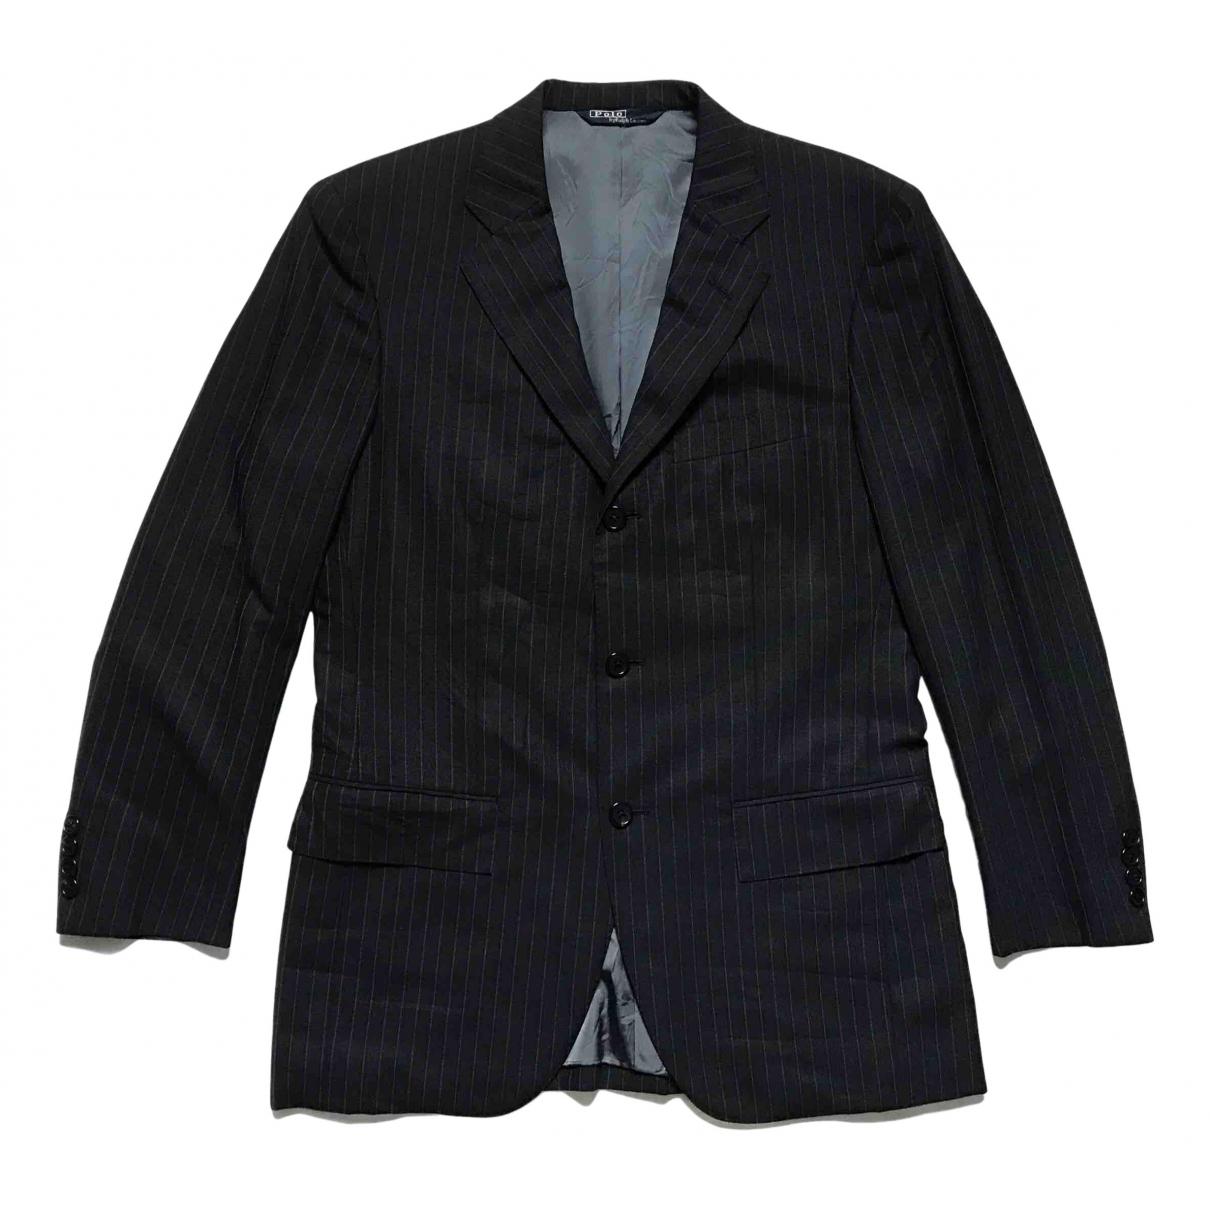 Polo Ralph Lauren - Vestes.Blousons   pour homme en laine